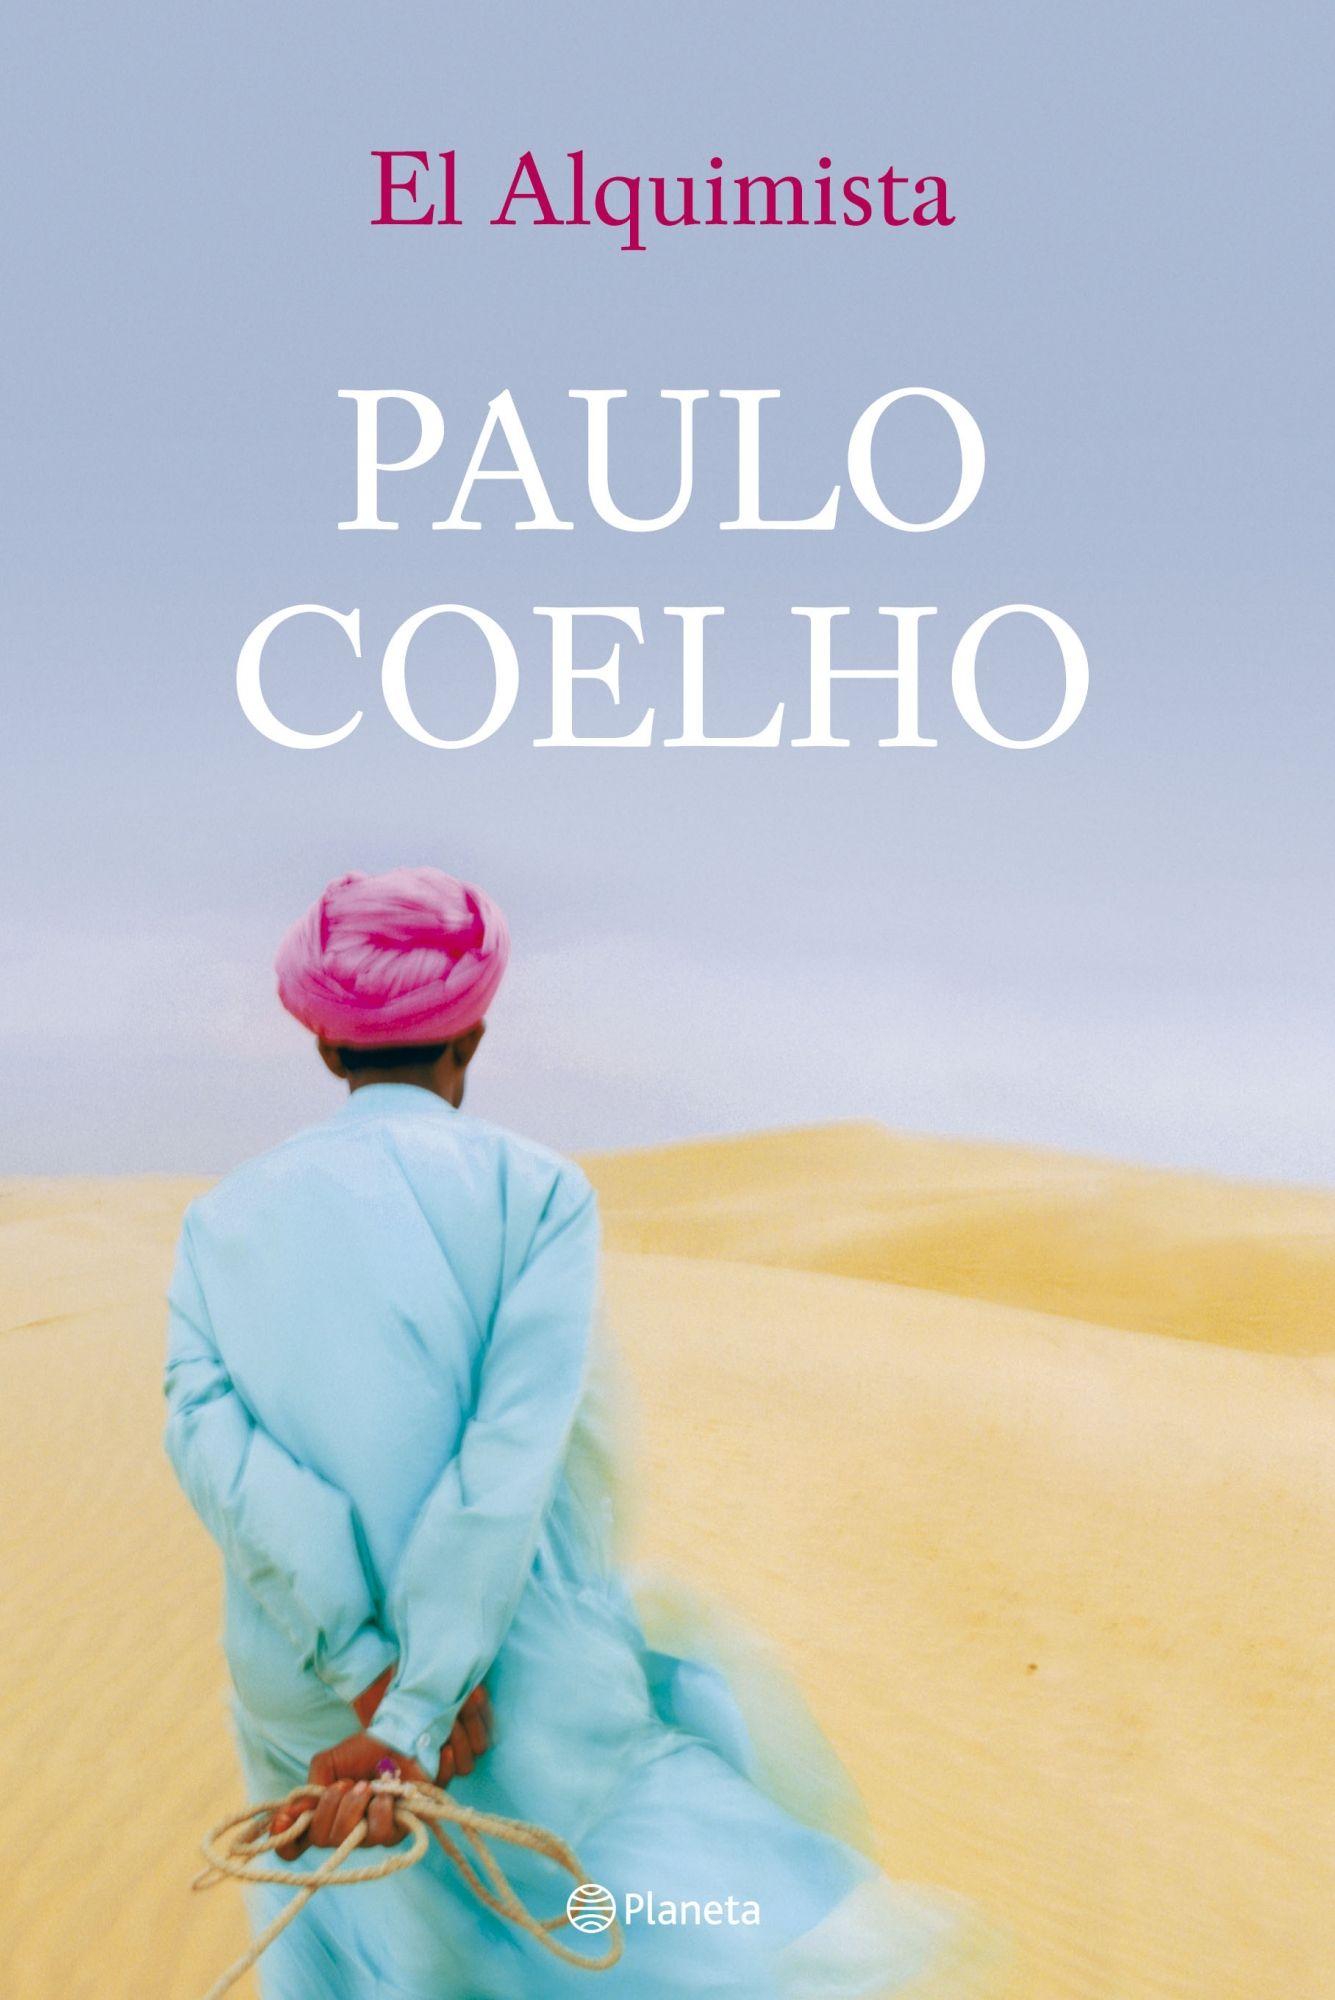 El Alquimista Paulo Coelho Un Clasico De Nuestros Dias Que